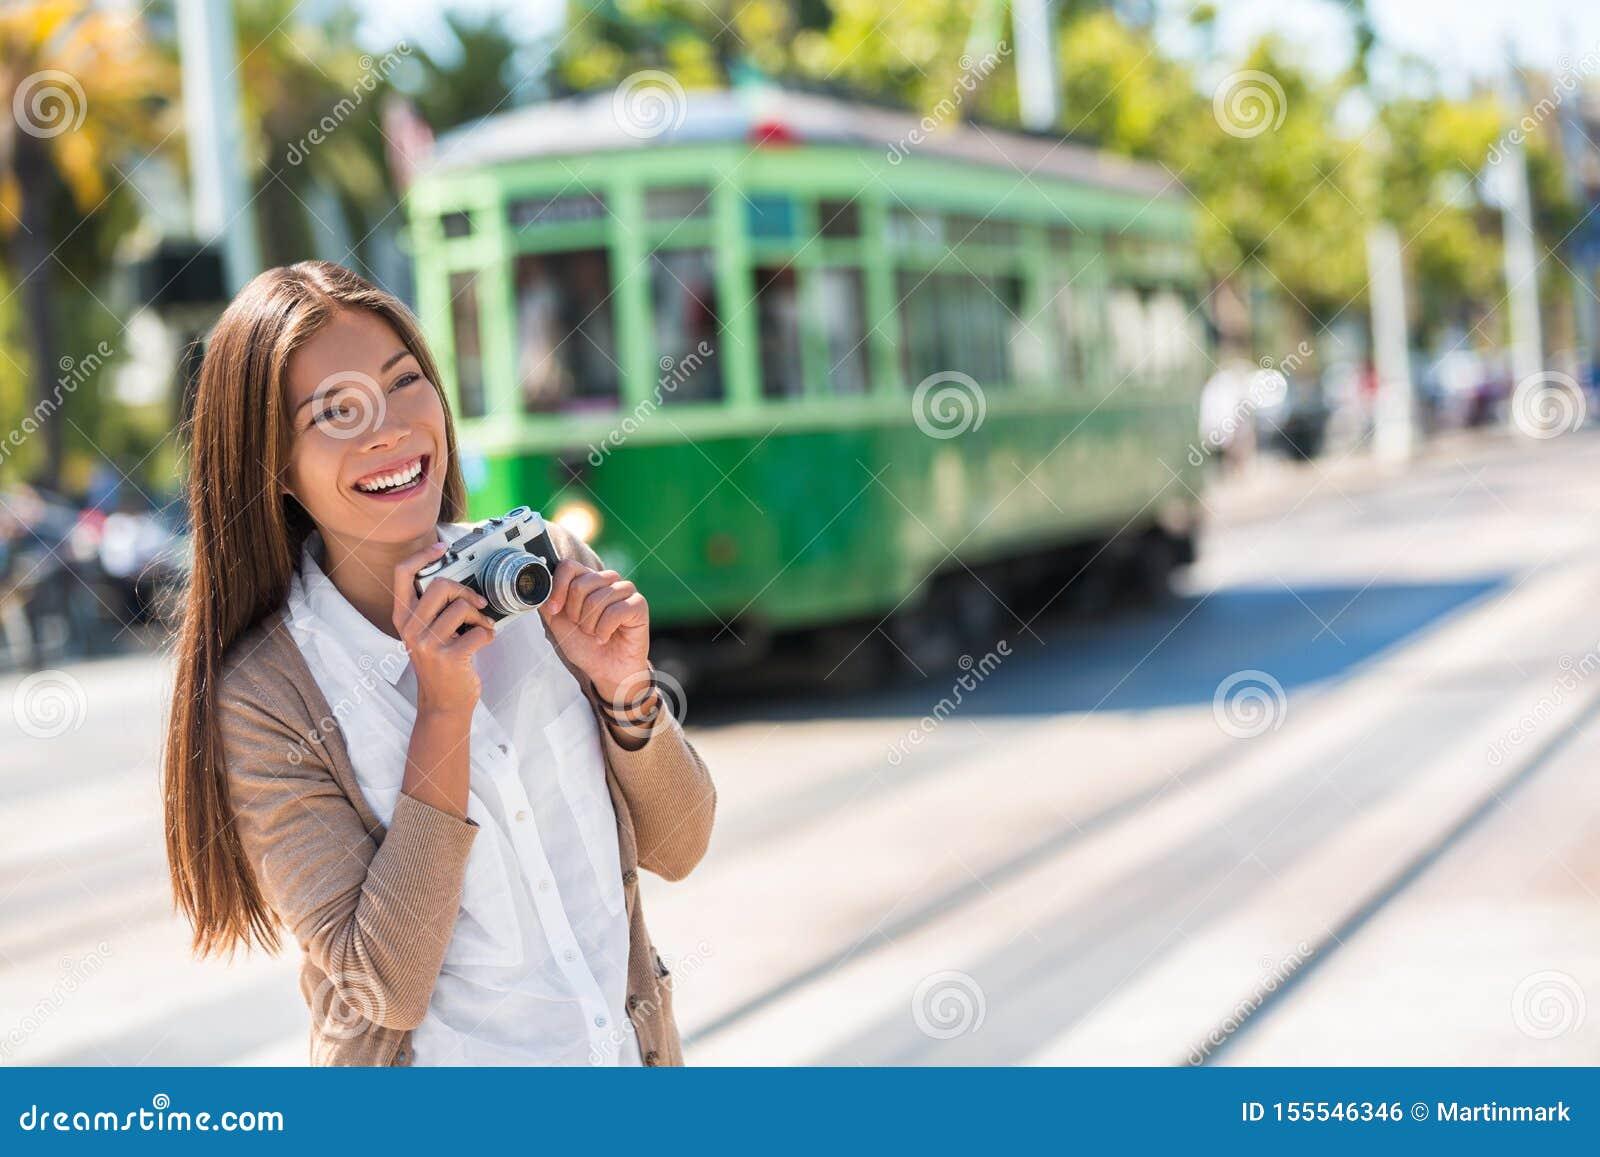 Aziatische vrouwentoerist - de levensstijl van de stadsstraat, het beroemde systeem van de tramspoorkabelwagen in de stad van San